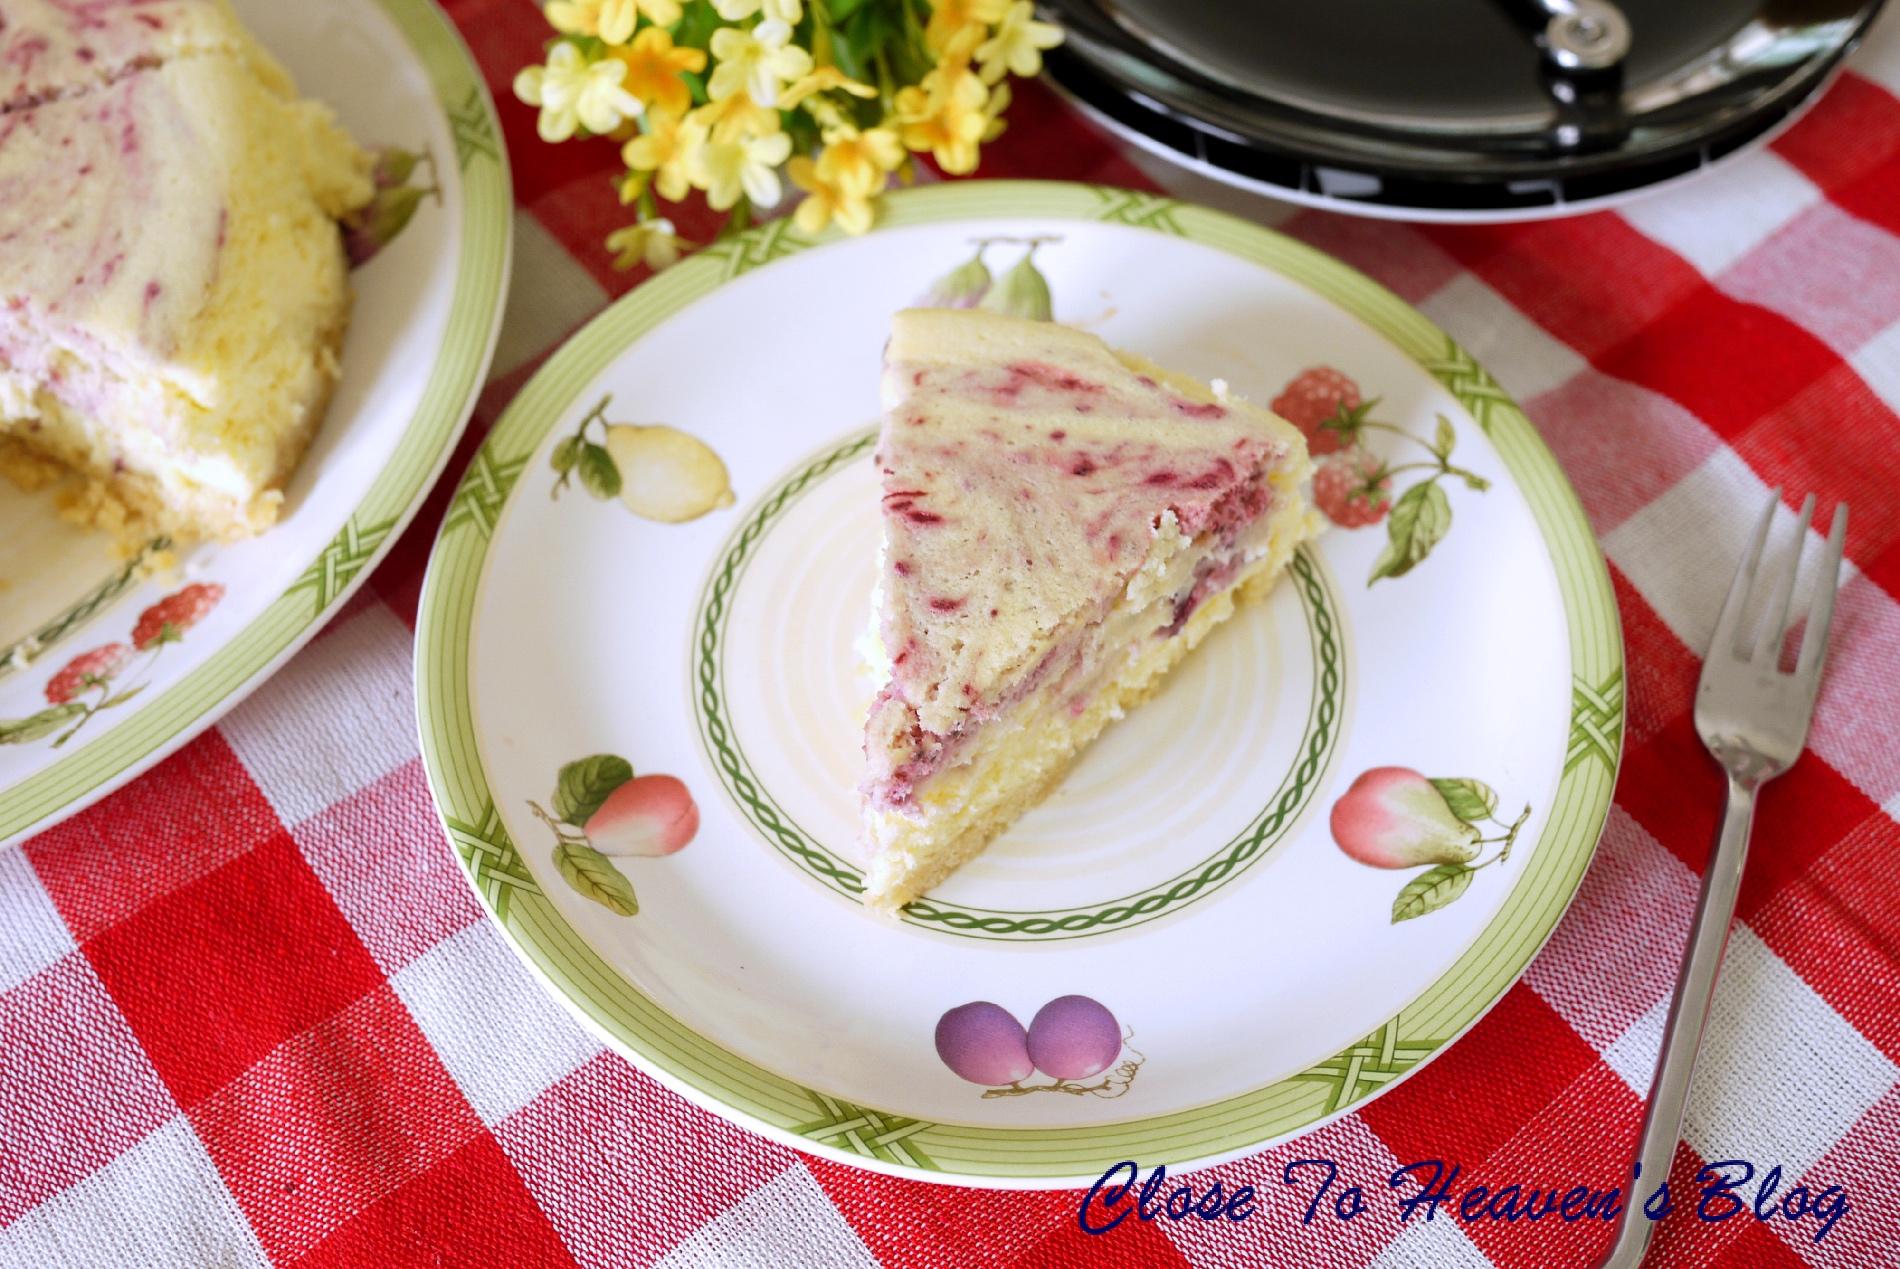 สูตรทำ ชีสเค้ก Mixed Berry Swirl Cheesecake